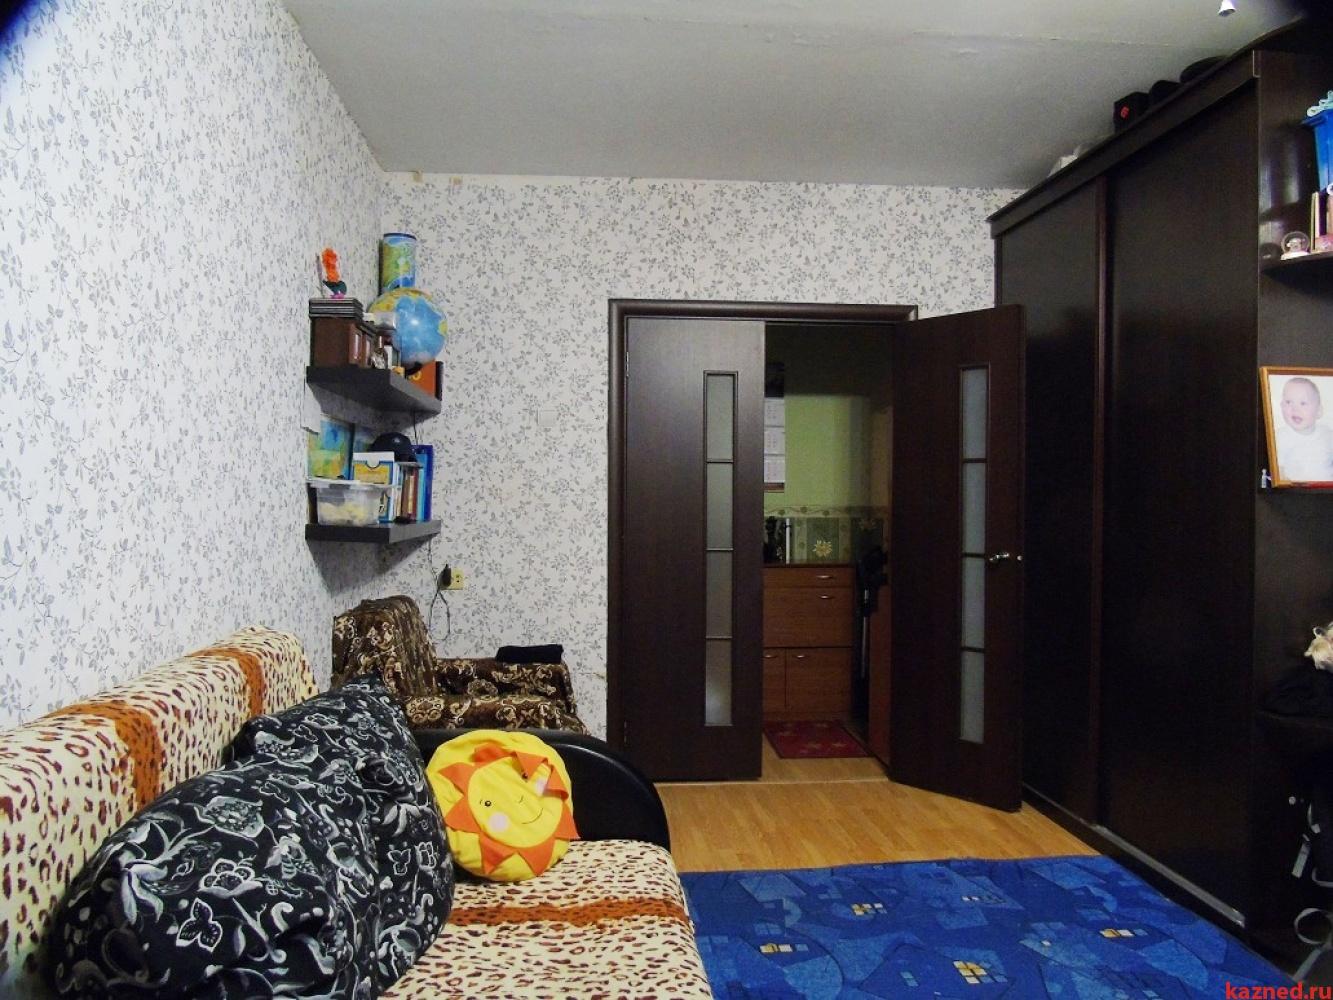 Продажа 2-к квартиры Амирхана, 83, 52 м² (миниатюра №4)